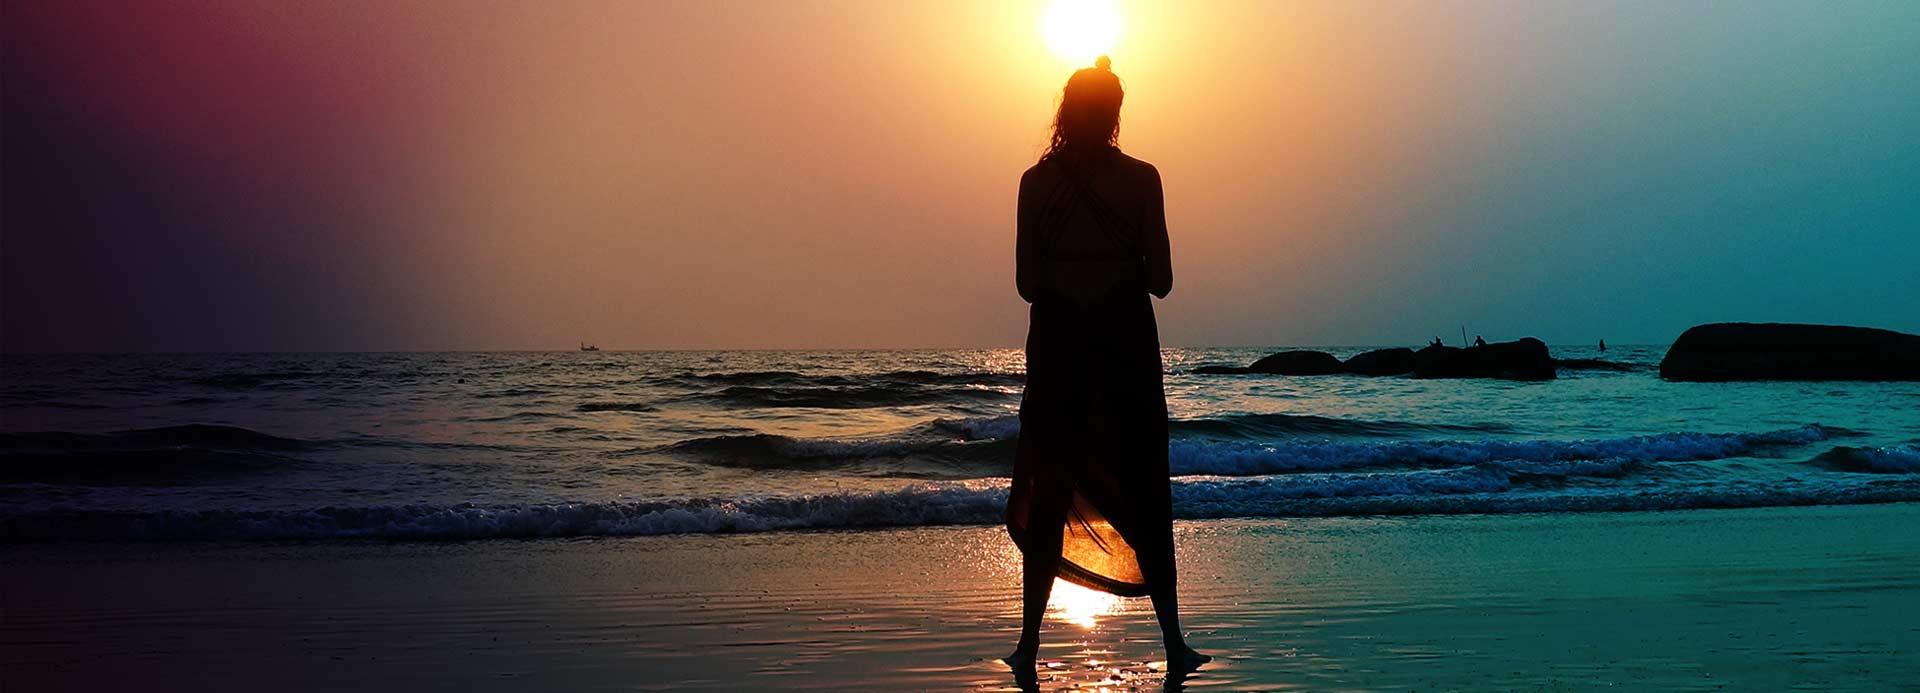 Silhouette einer Frau am Strand über deren Kopf die Sonne hell scheint